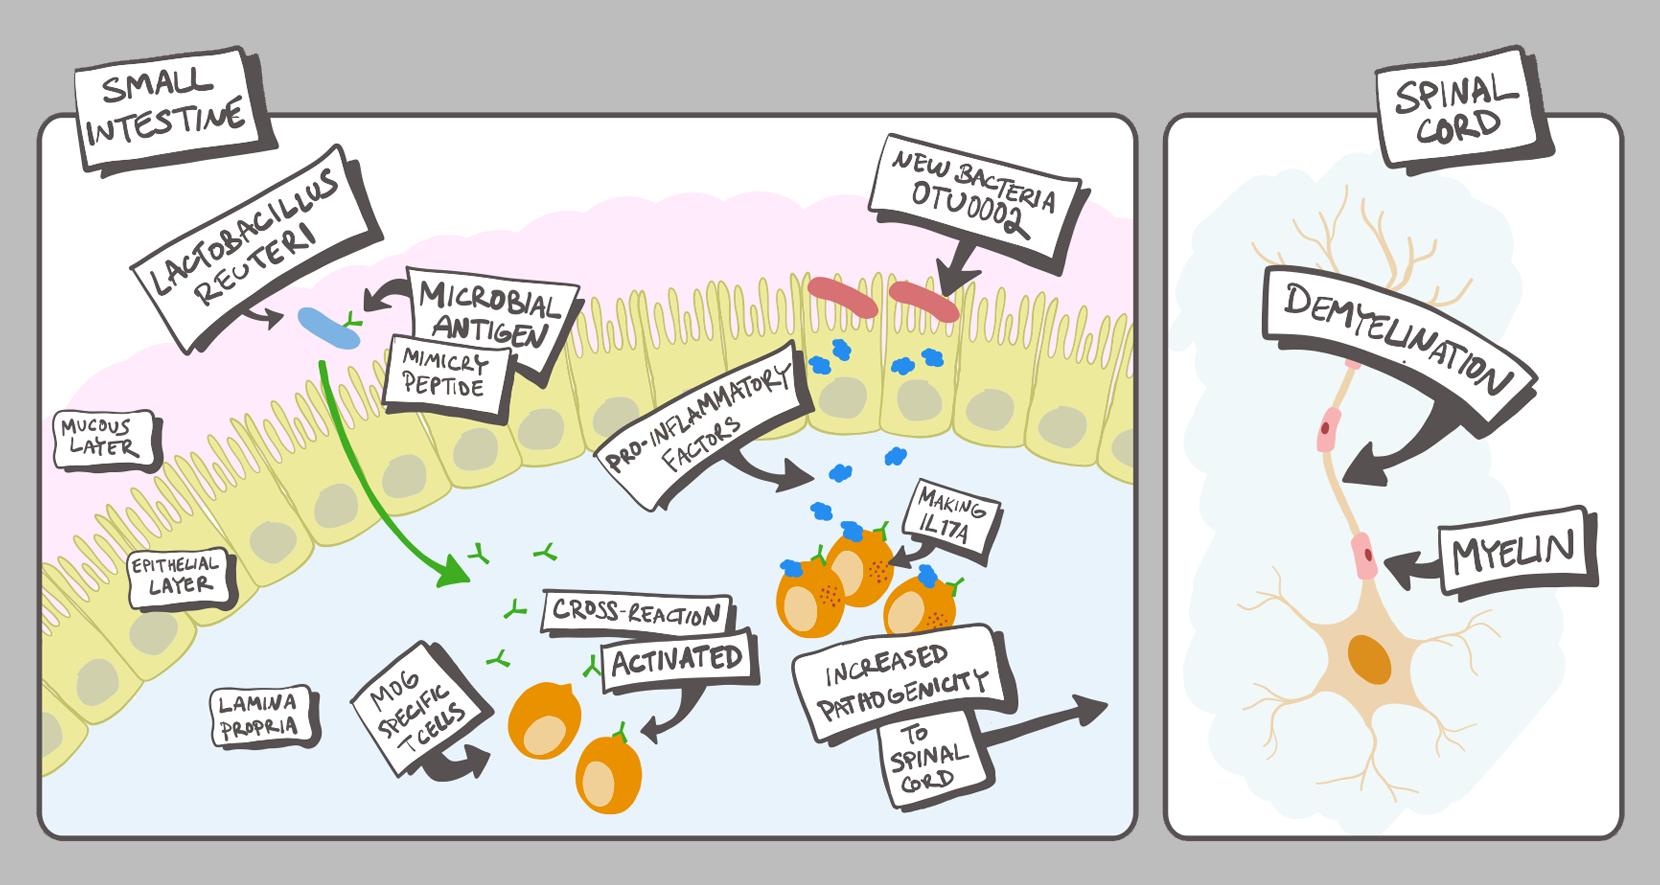 gut bacteria worsen MS